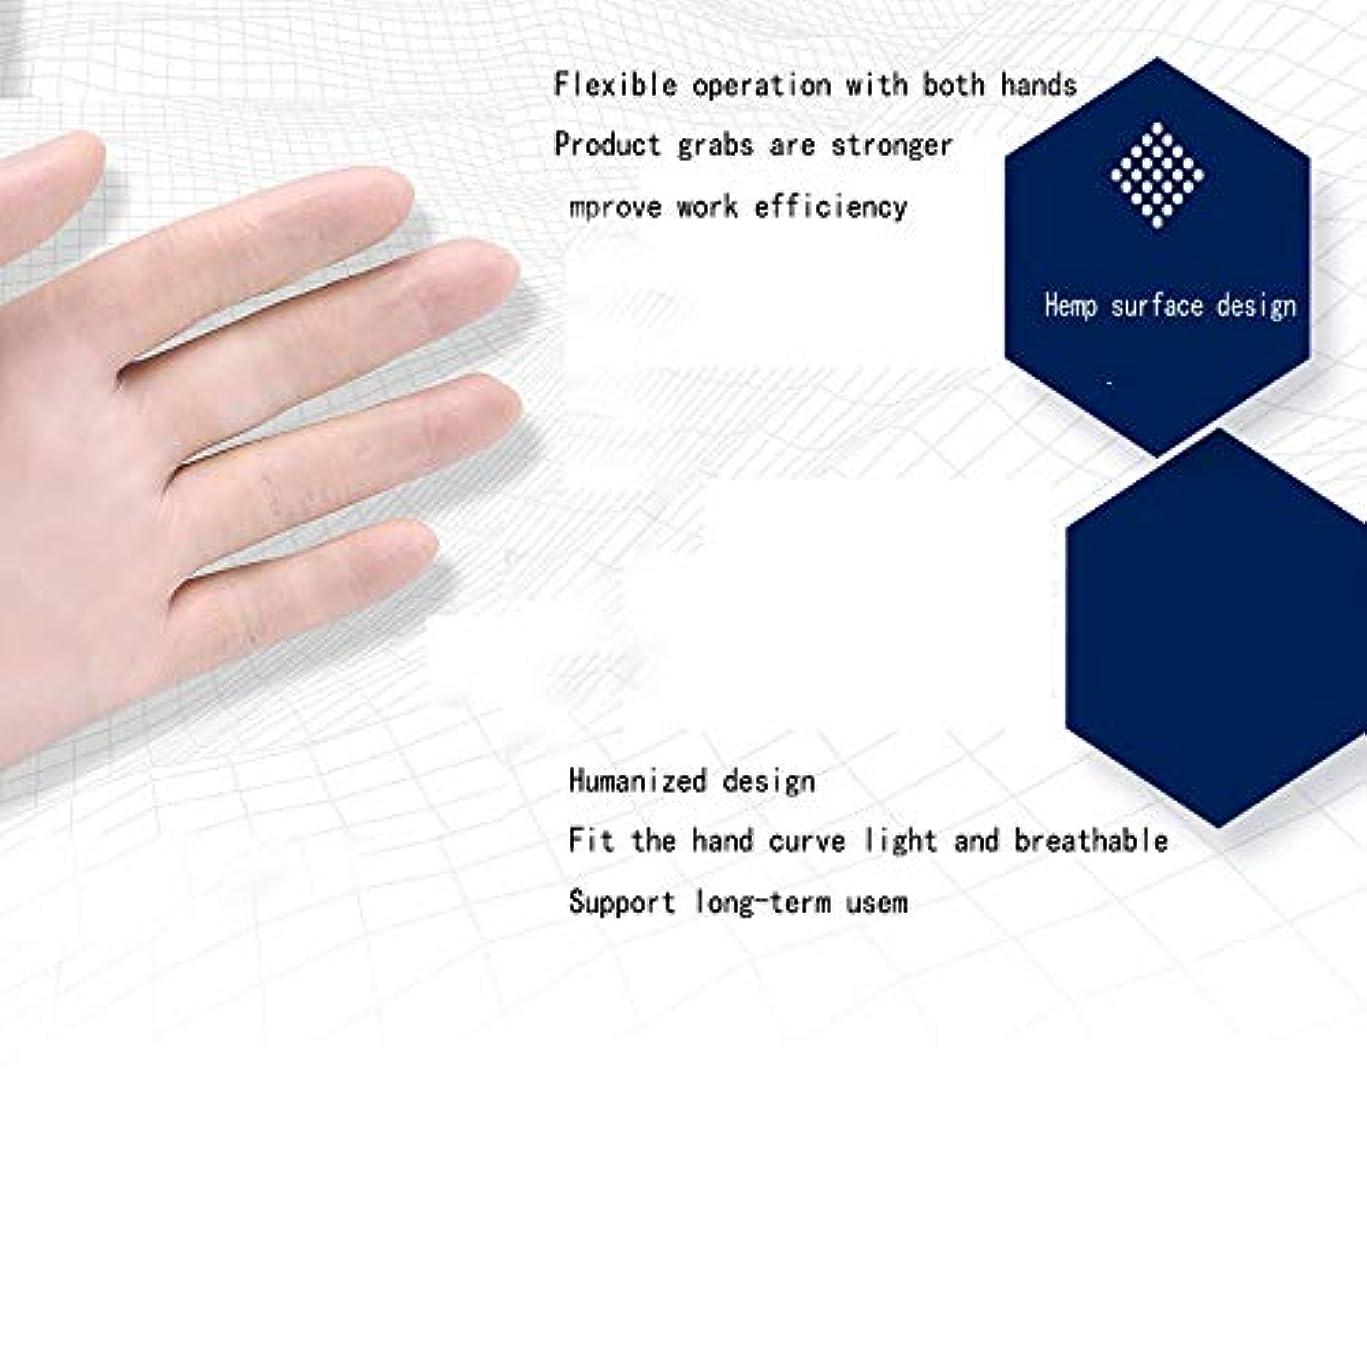 冗長インサート安全性Safeguard Nitri Disposable Gloves、パウダーフリー、食品用グローブ、ラテックスフリー、100 Pcサニタリーグローブ (サイズ さいず : S s)